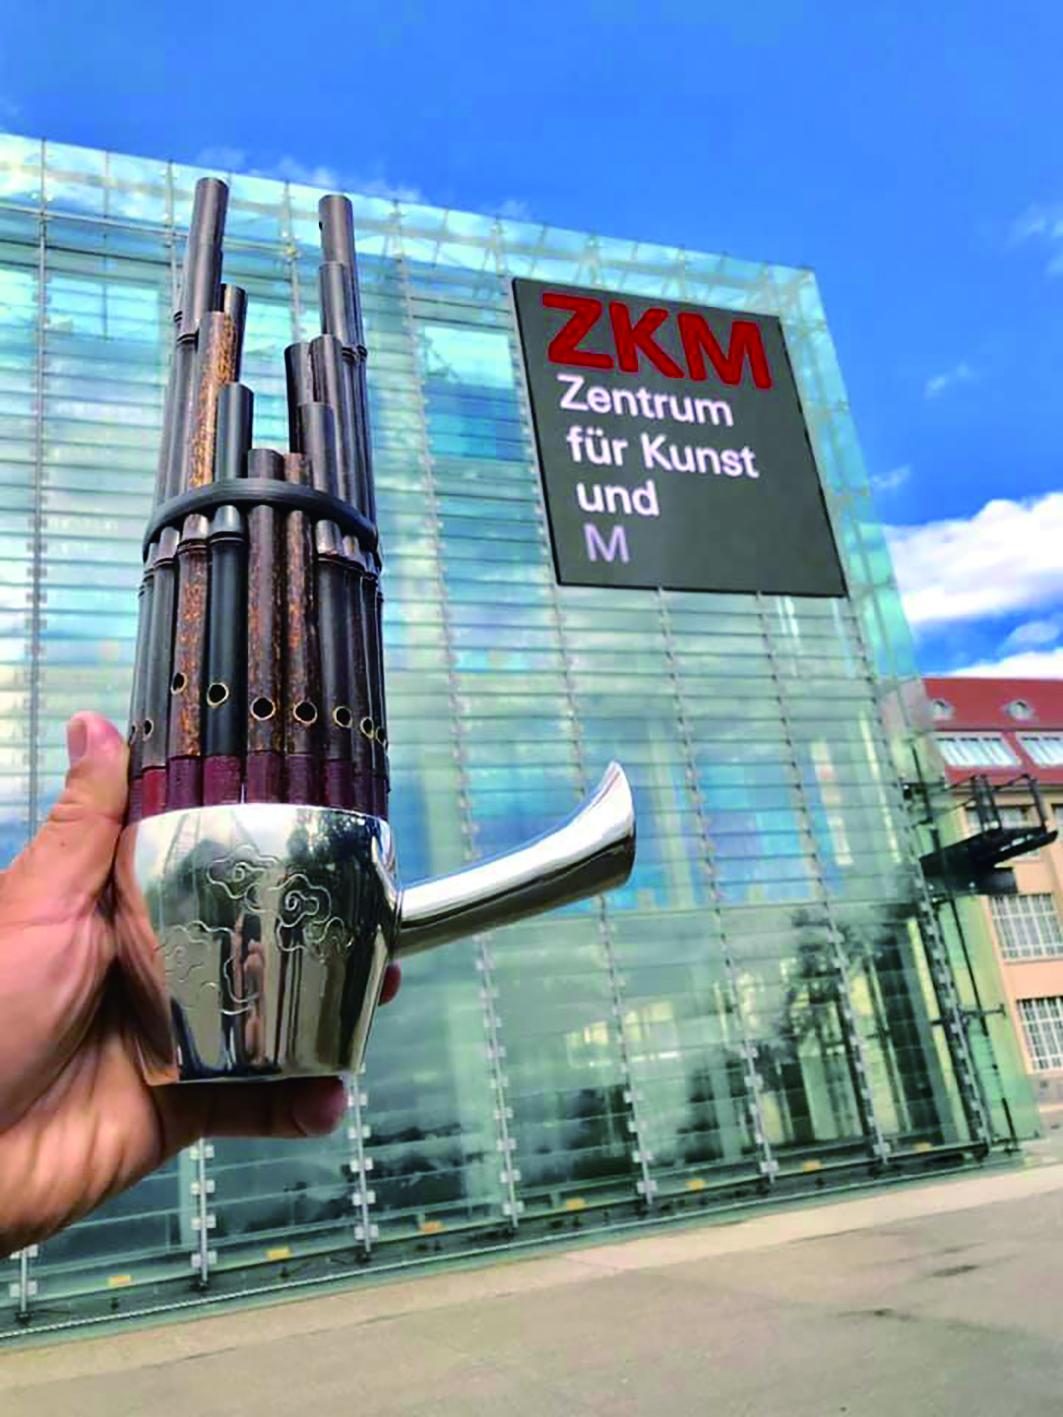 德國新媒體數位藝術中心是一個跨學科的藝術博物館和新媒體研究機構,自1997年開放後,該機構已成為現代藝術和新興媒體技術創作和展示的重要平臺。.jpg